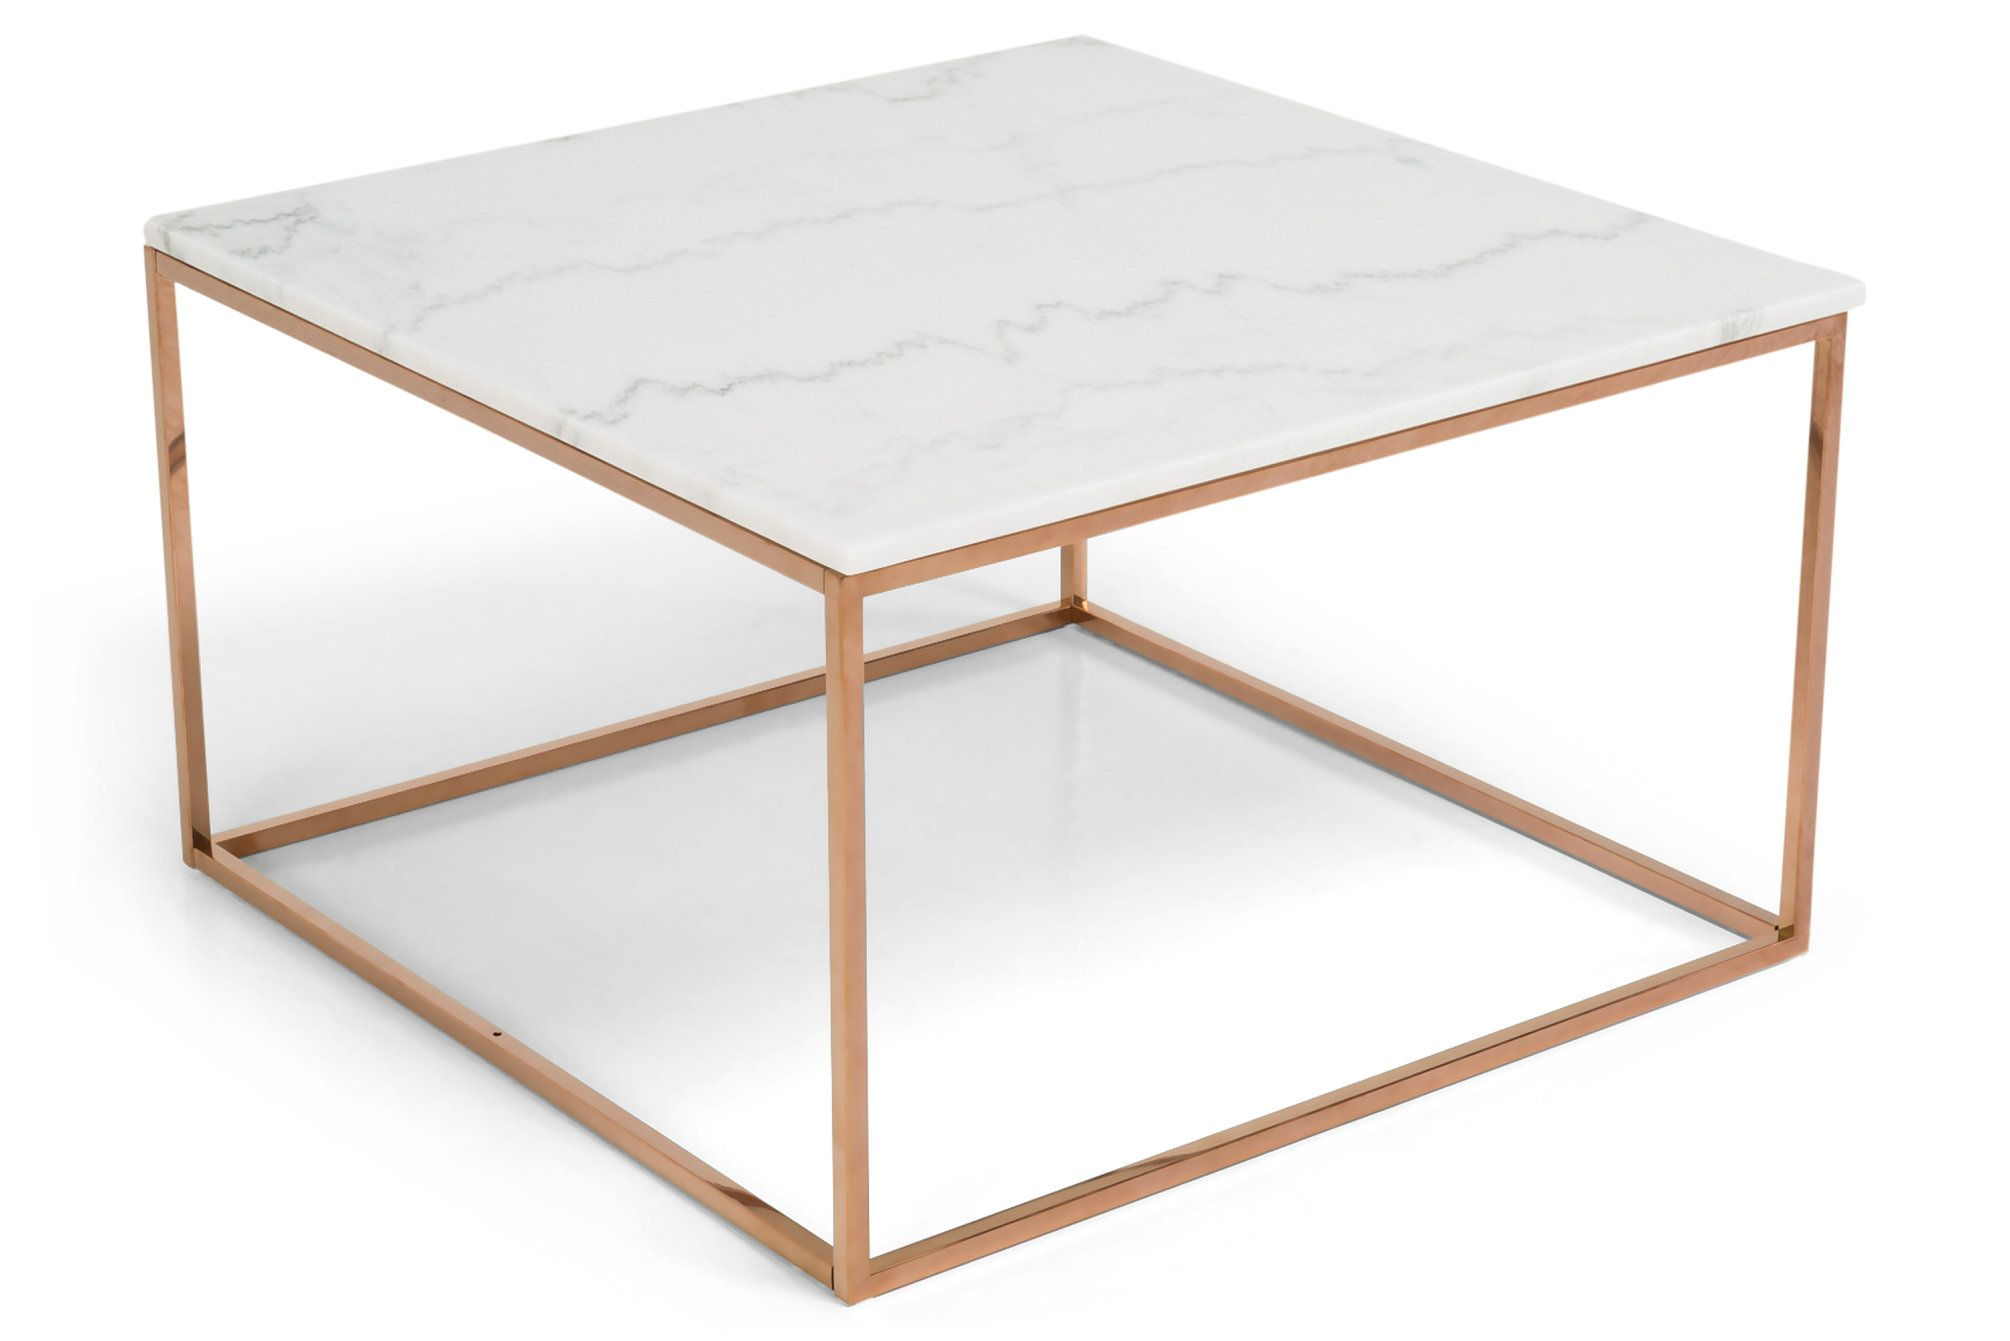 Sohvapöytä Titania Valkoinen marmori/Kupari  - 75x75x45 cm | Kodin1.com